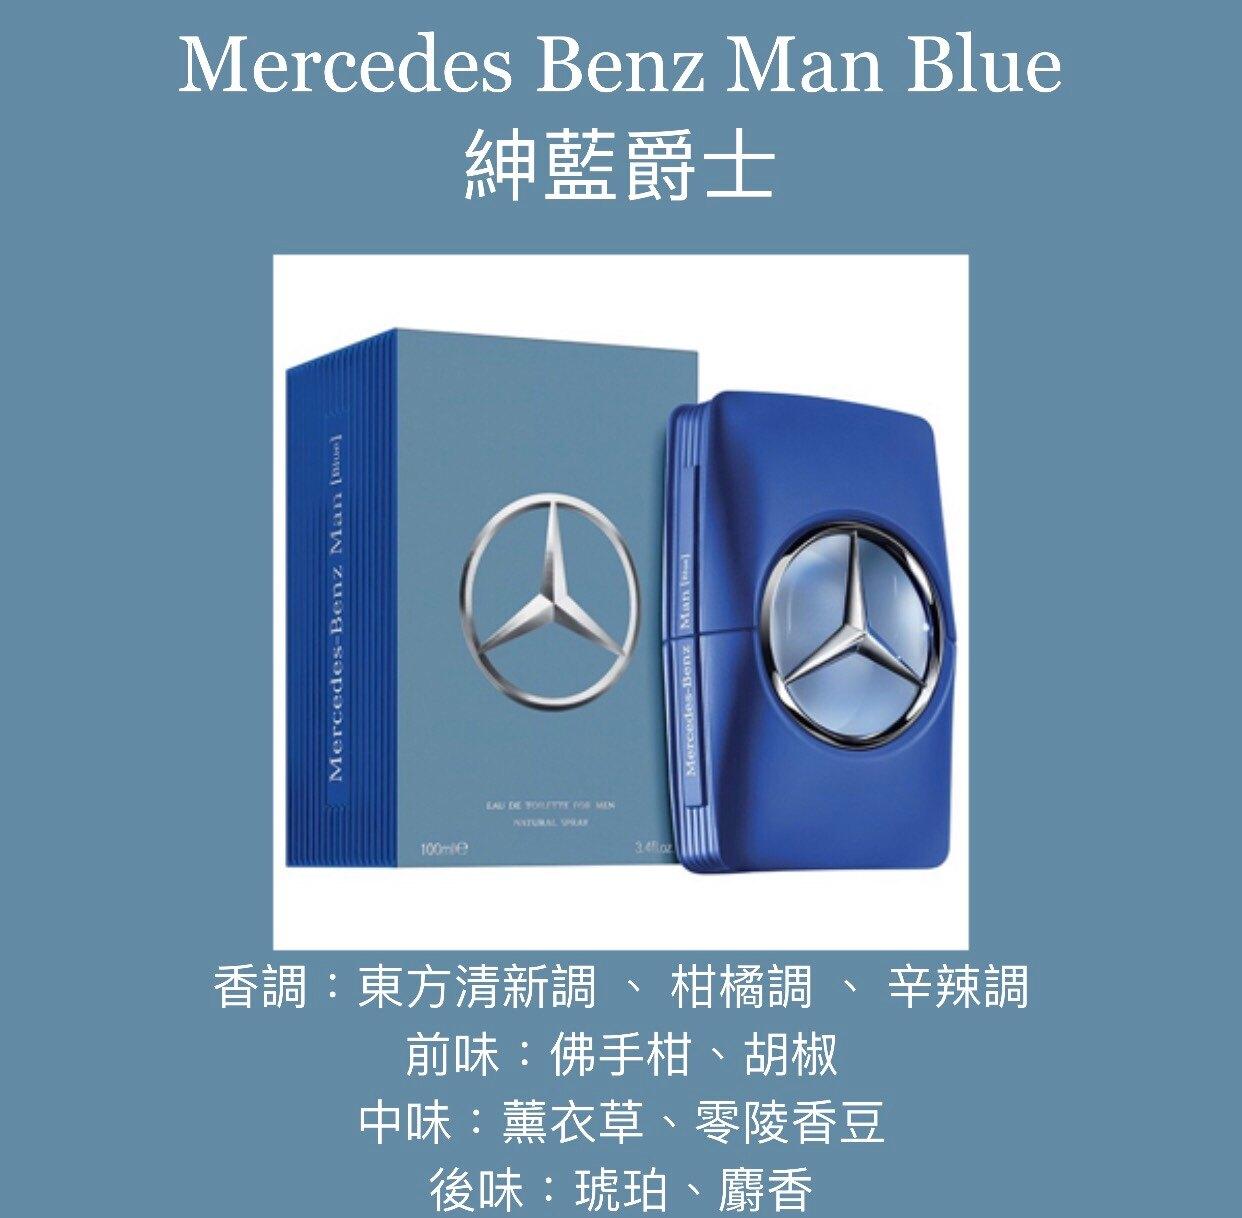 【香舍】Mercedes Benz Man Blue 賓士 紳藍爵士 男性淡香水 100ML